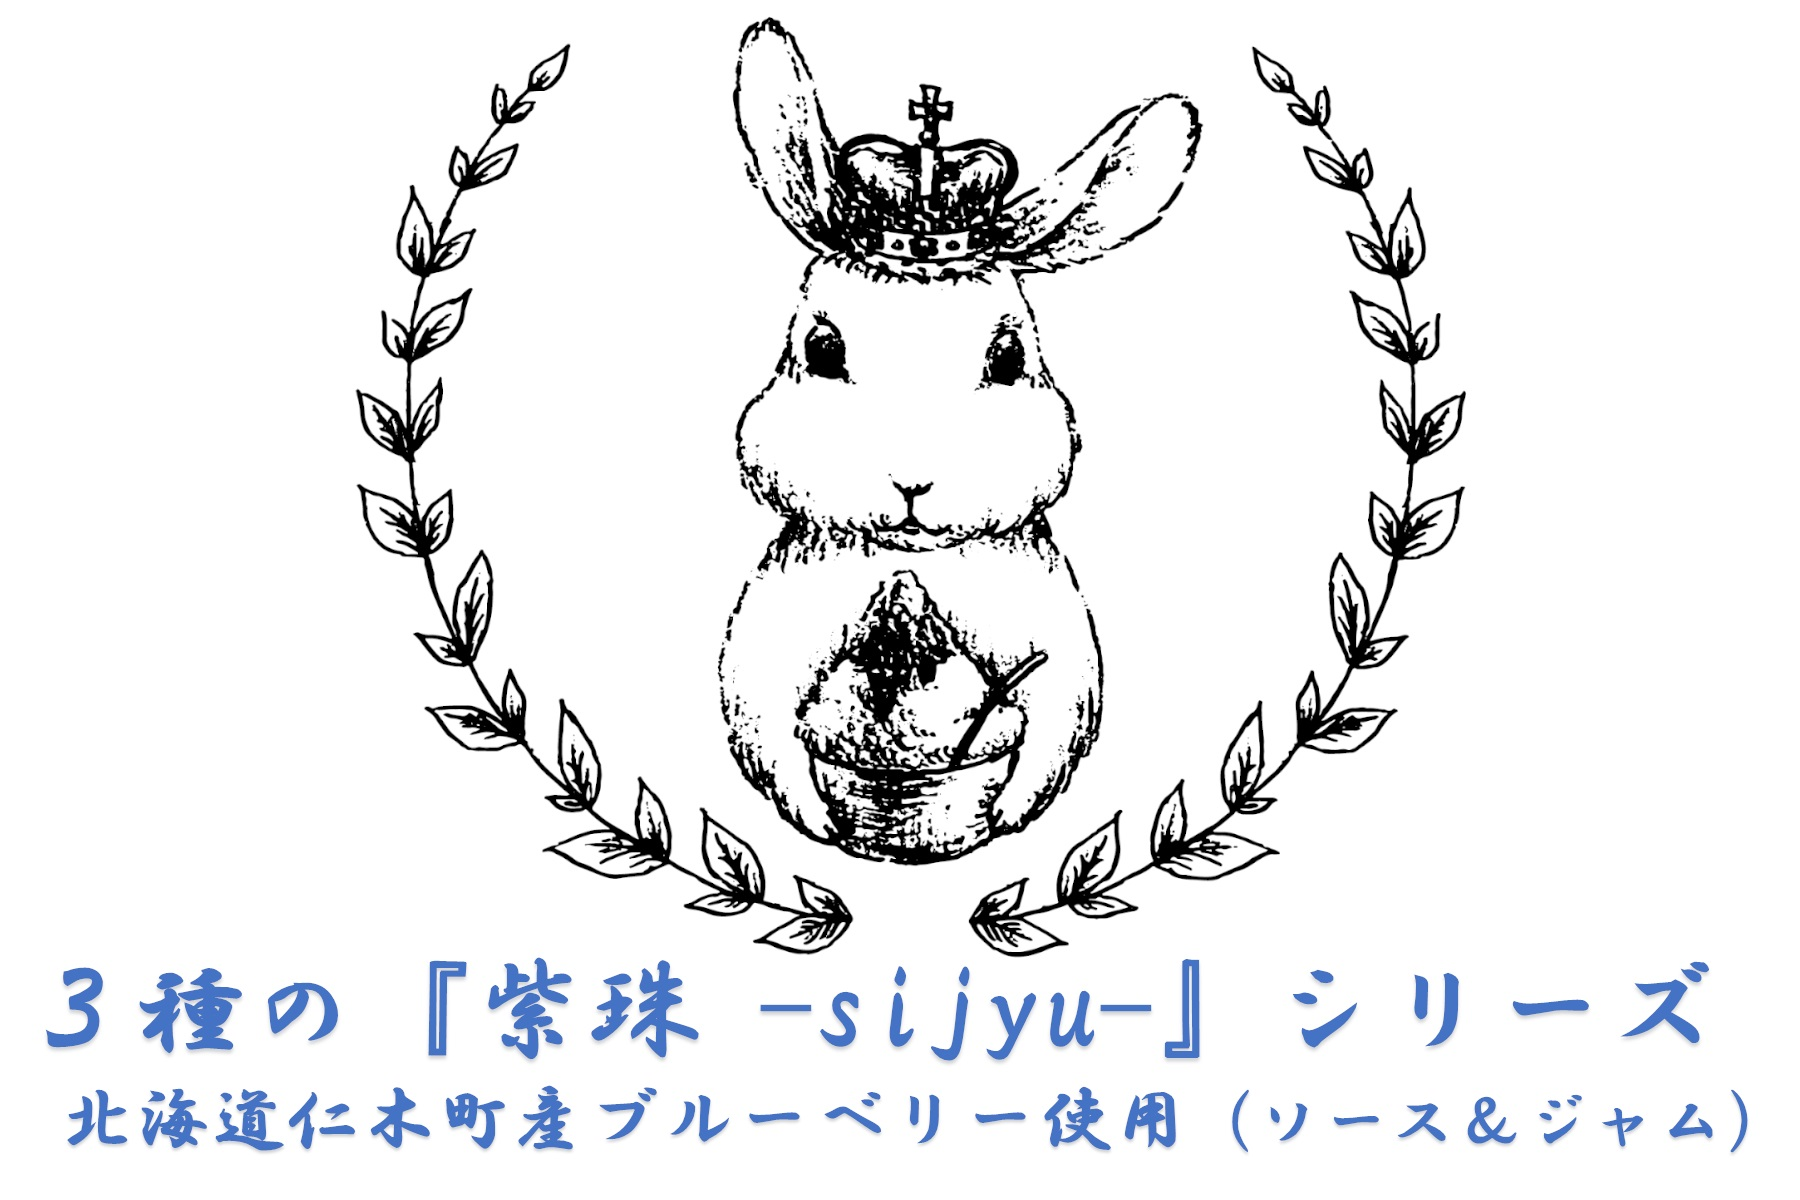 3種のブルーベリーシリーズ『紫珠 -sijyu-』(北海道仁木町産)